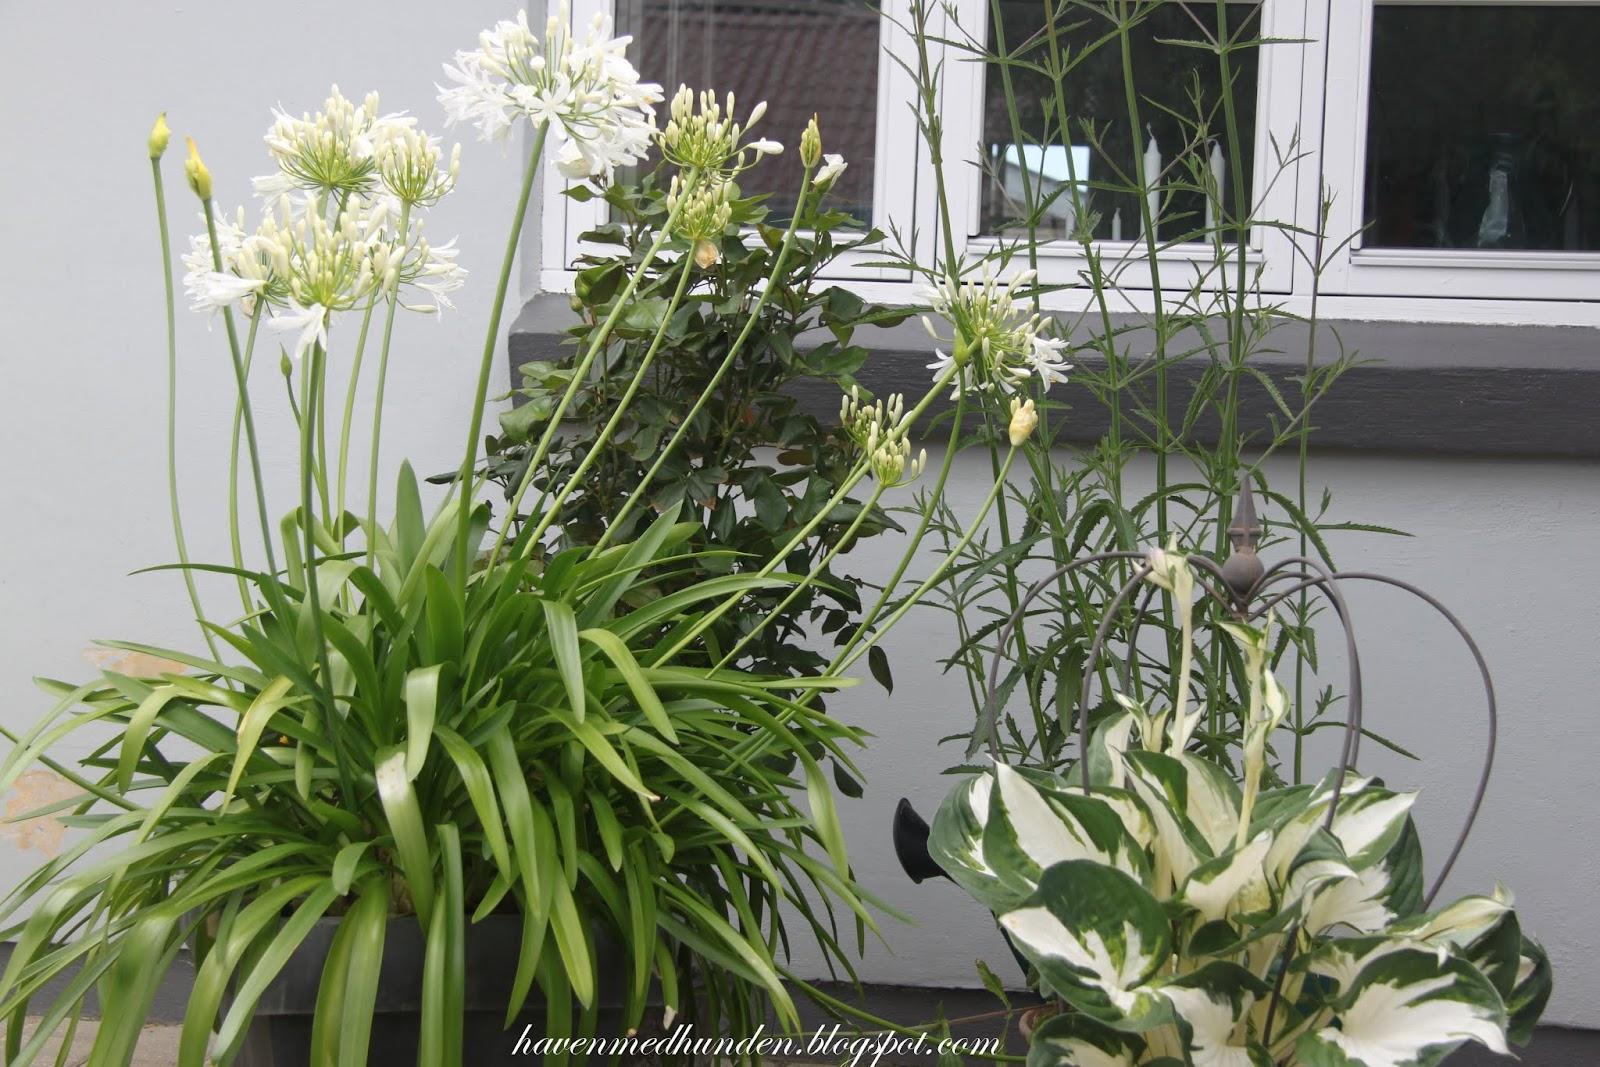 Haven med hunden: Krukker på terrassen